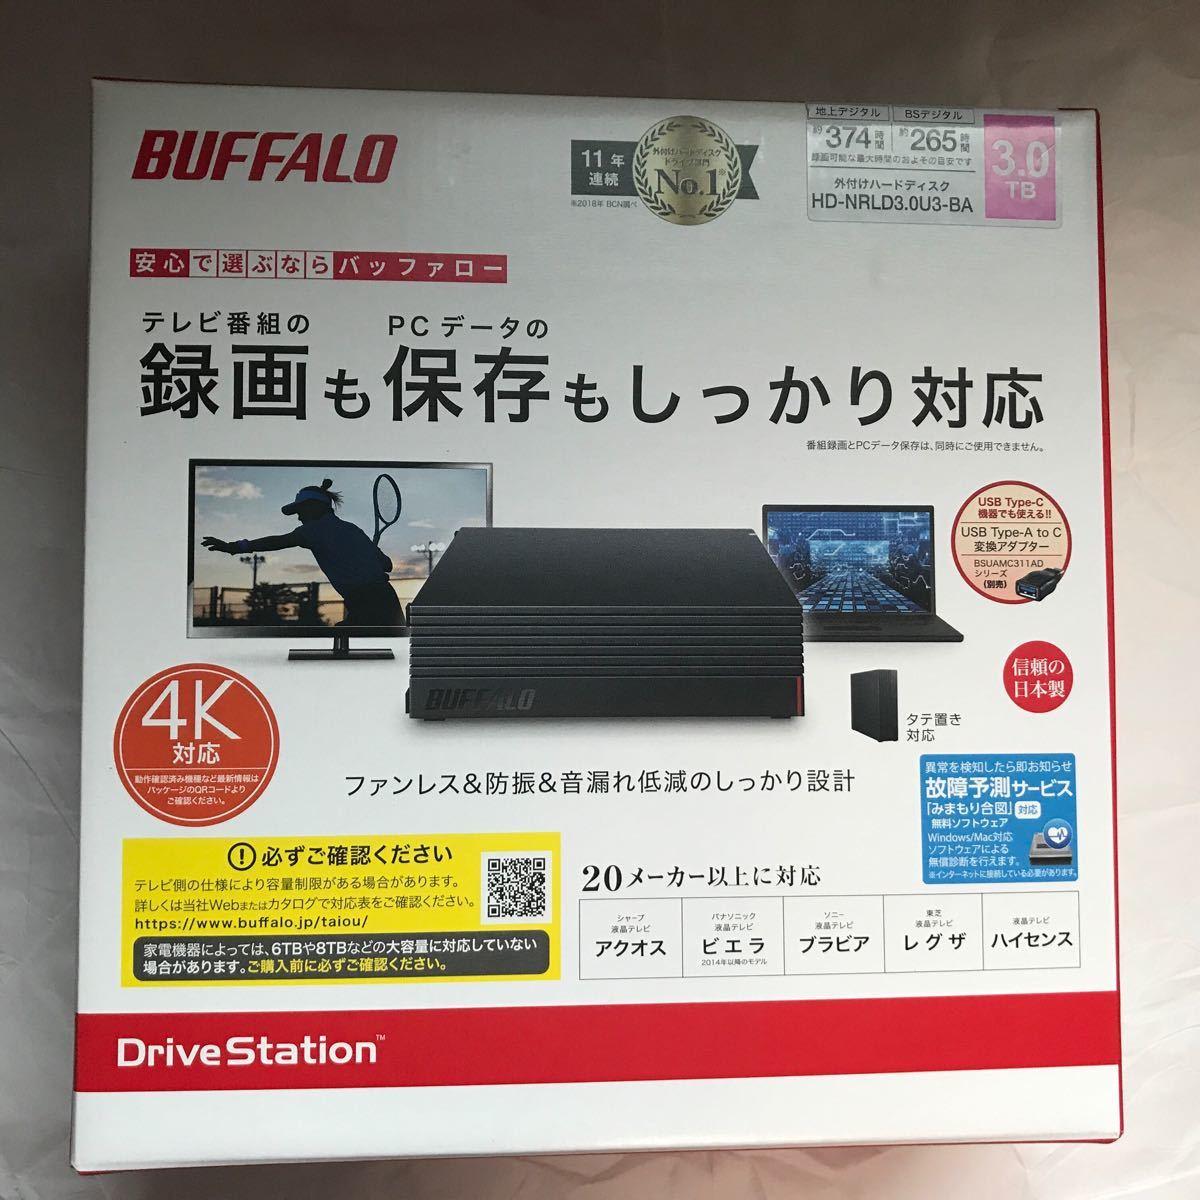 新品未開封 バッファロー外付けHDD 3TB HD-NRLD3.0U3-BA